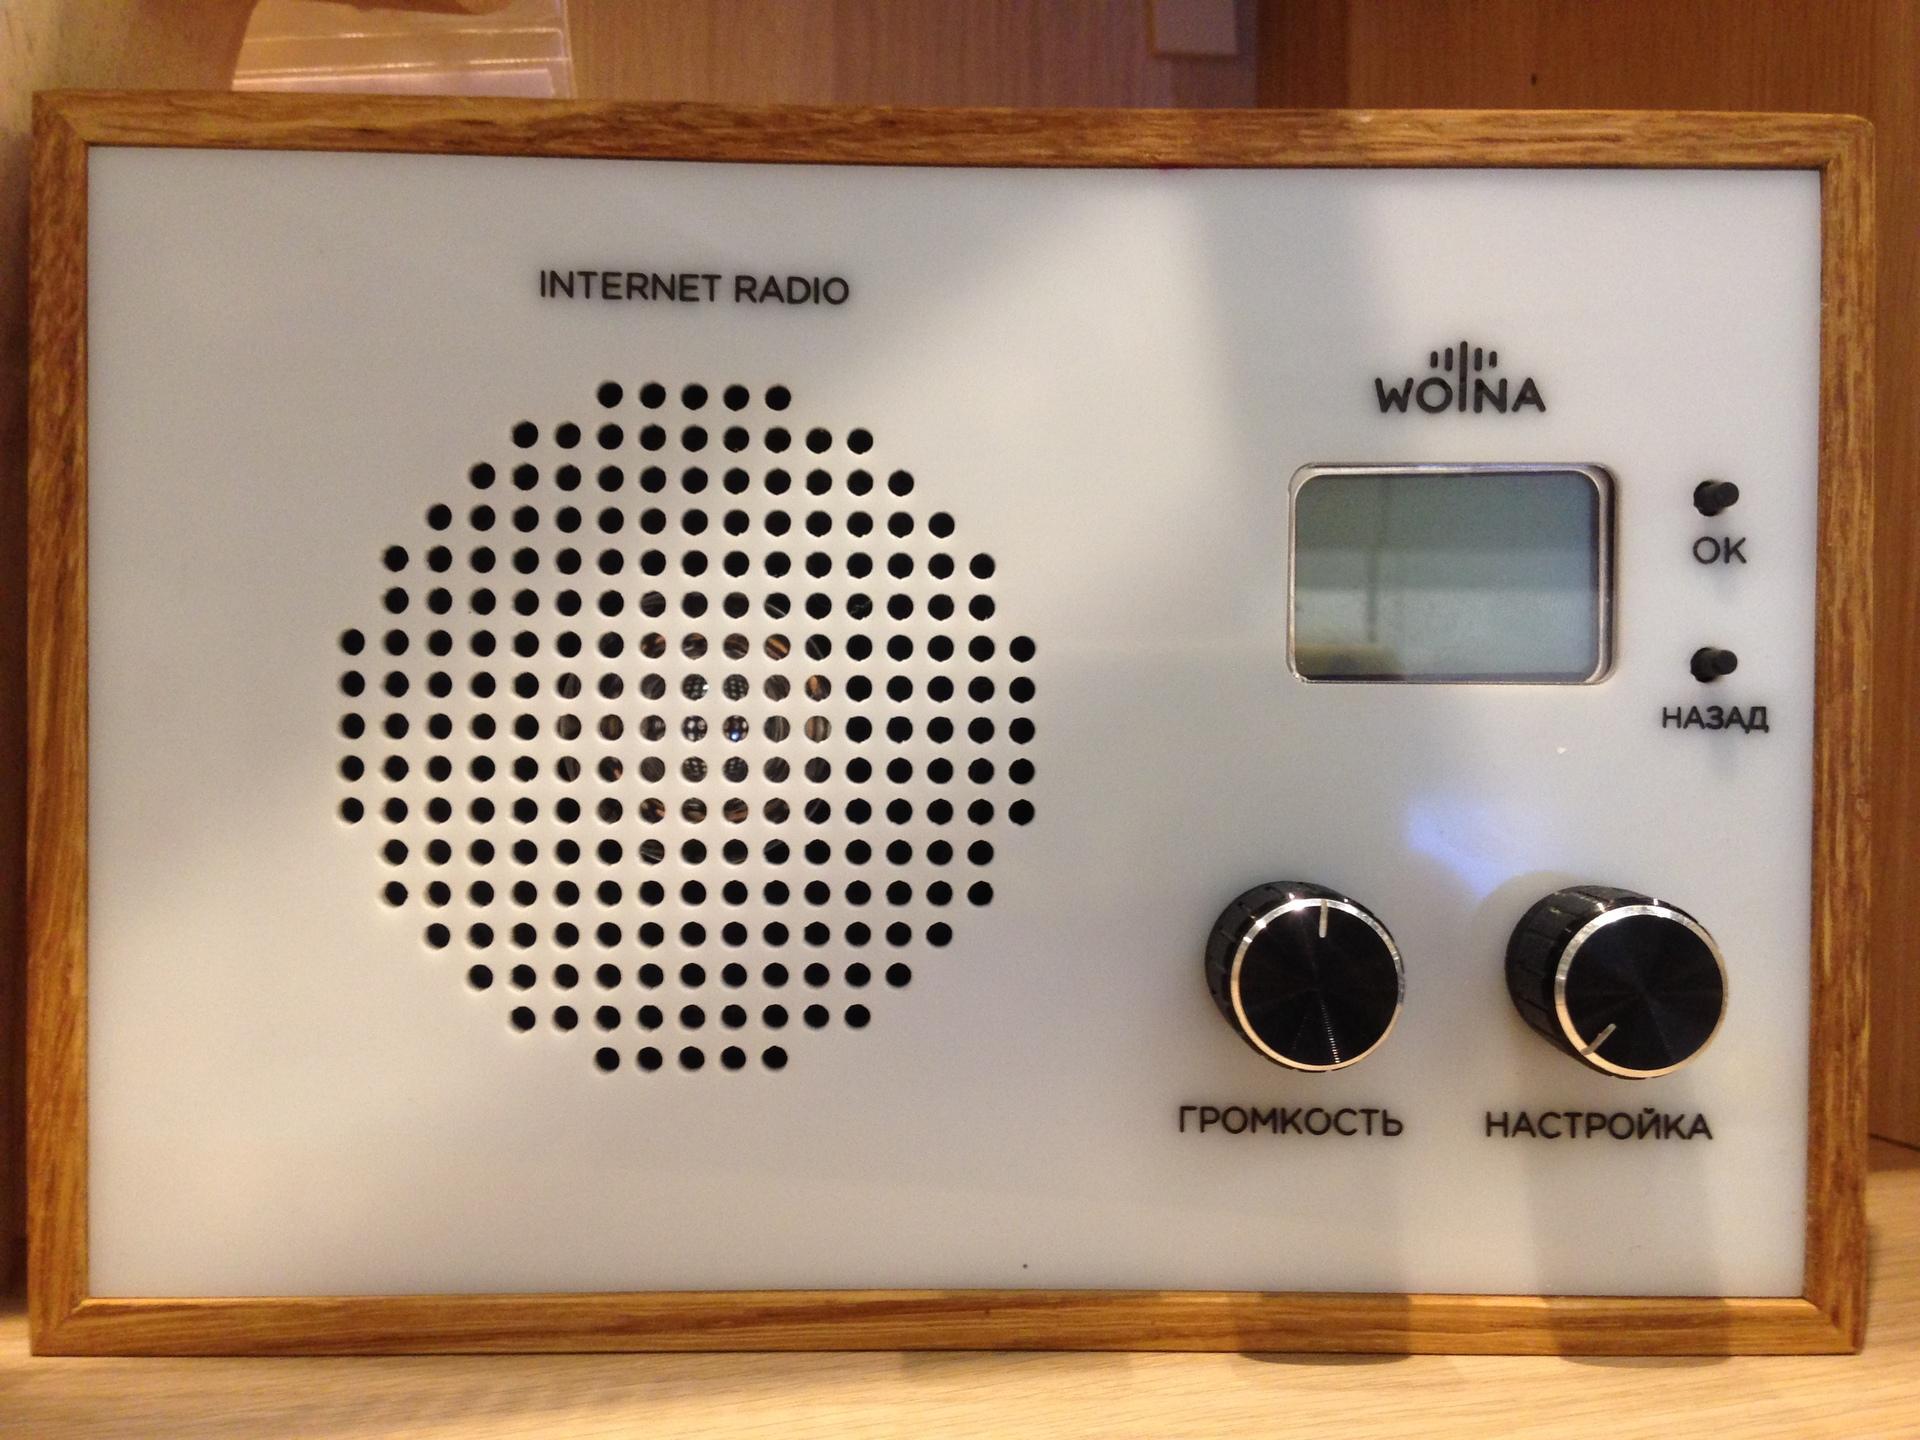 Интернет радиоприемник wifi 2